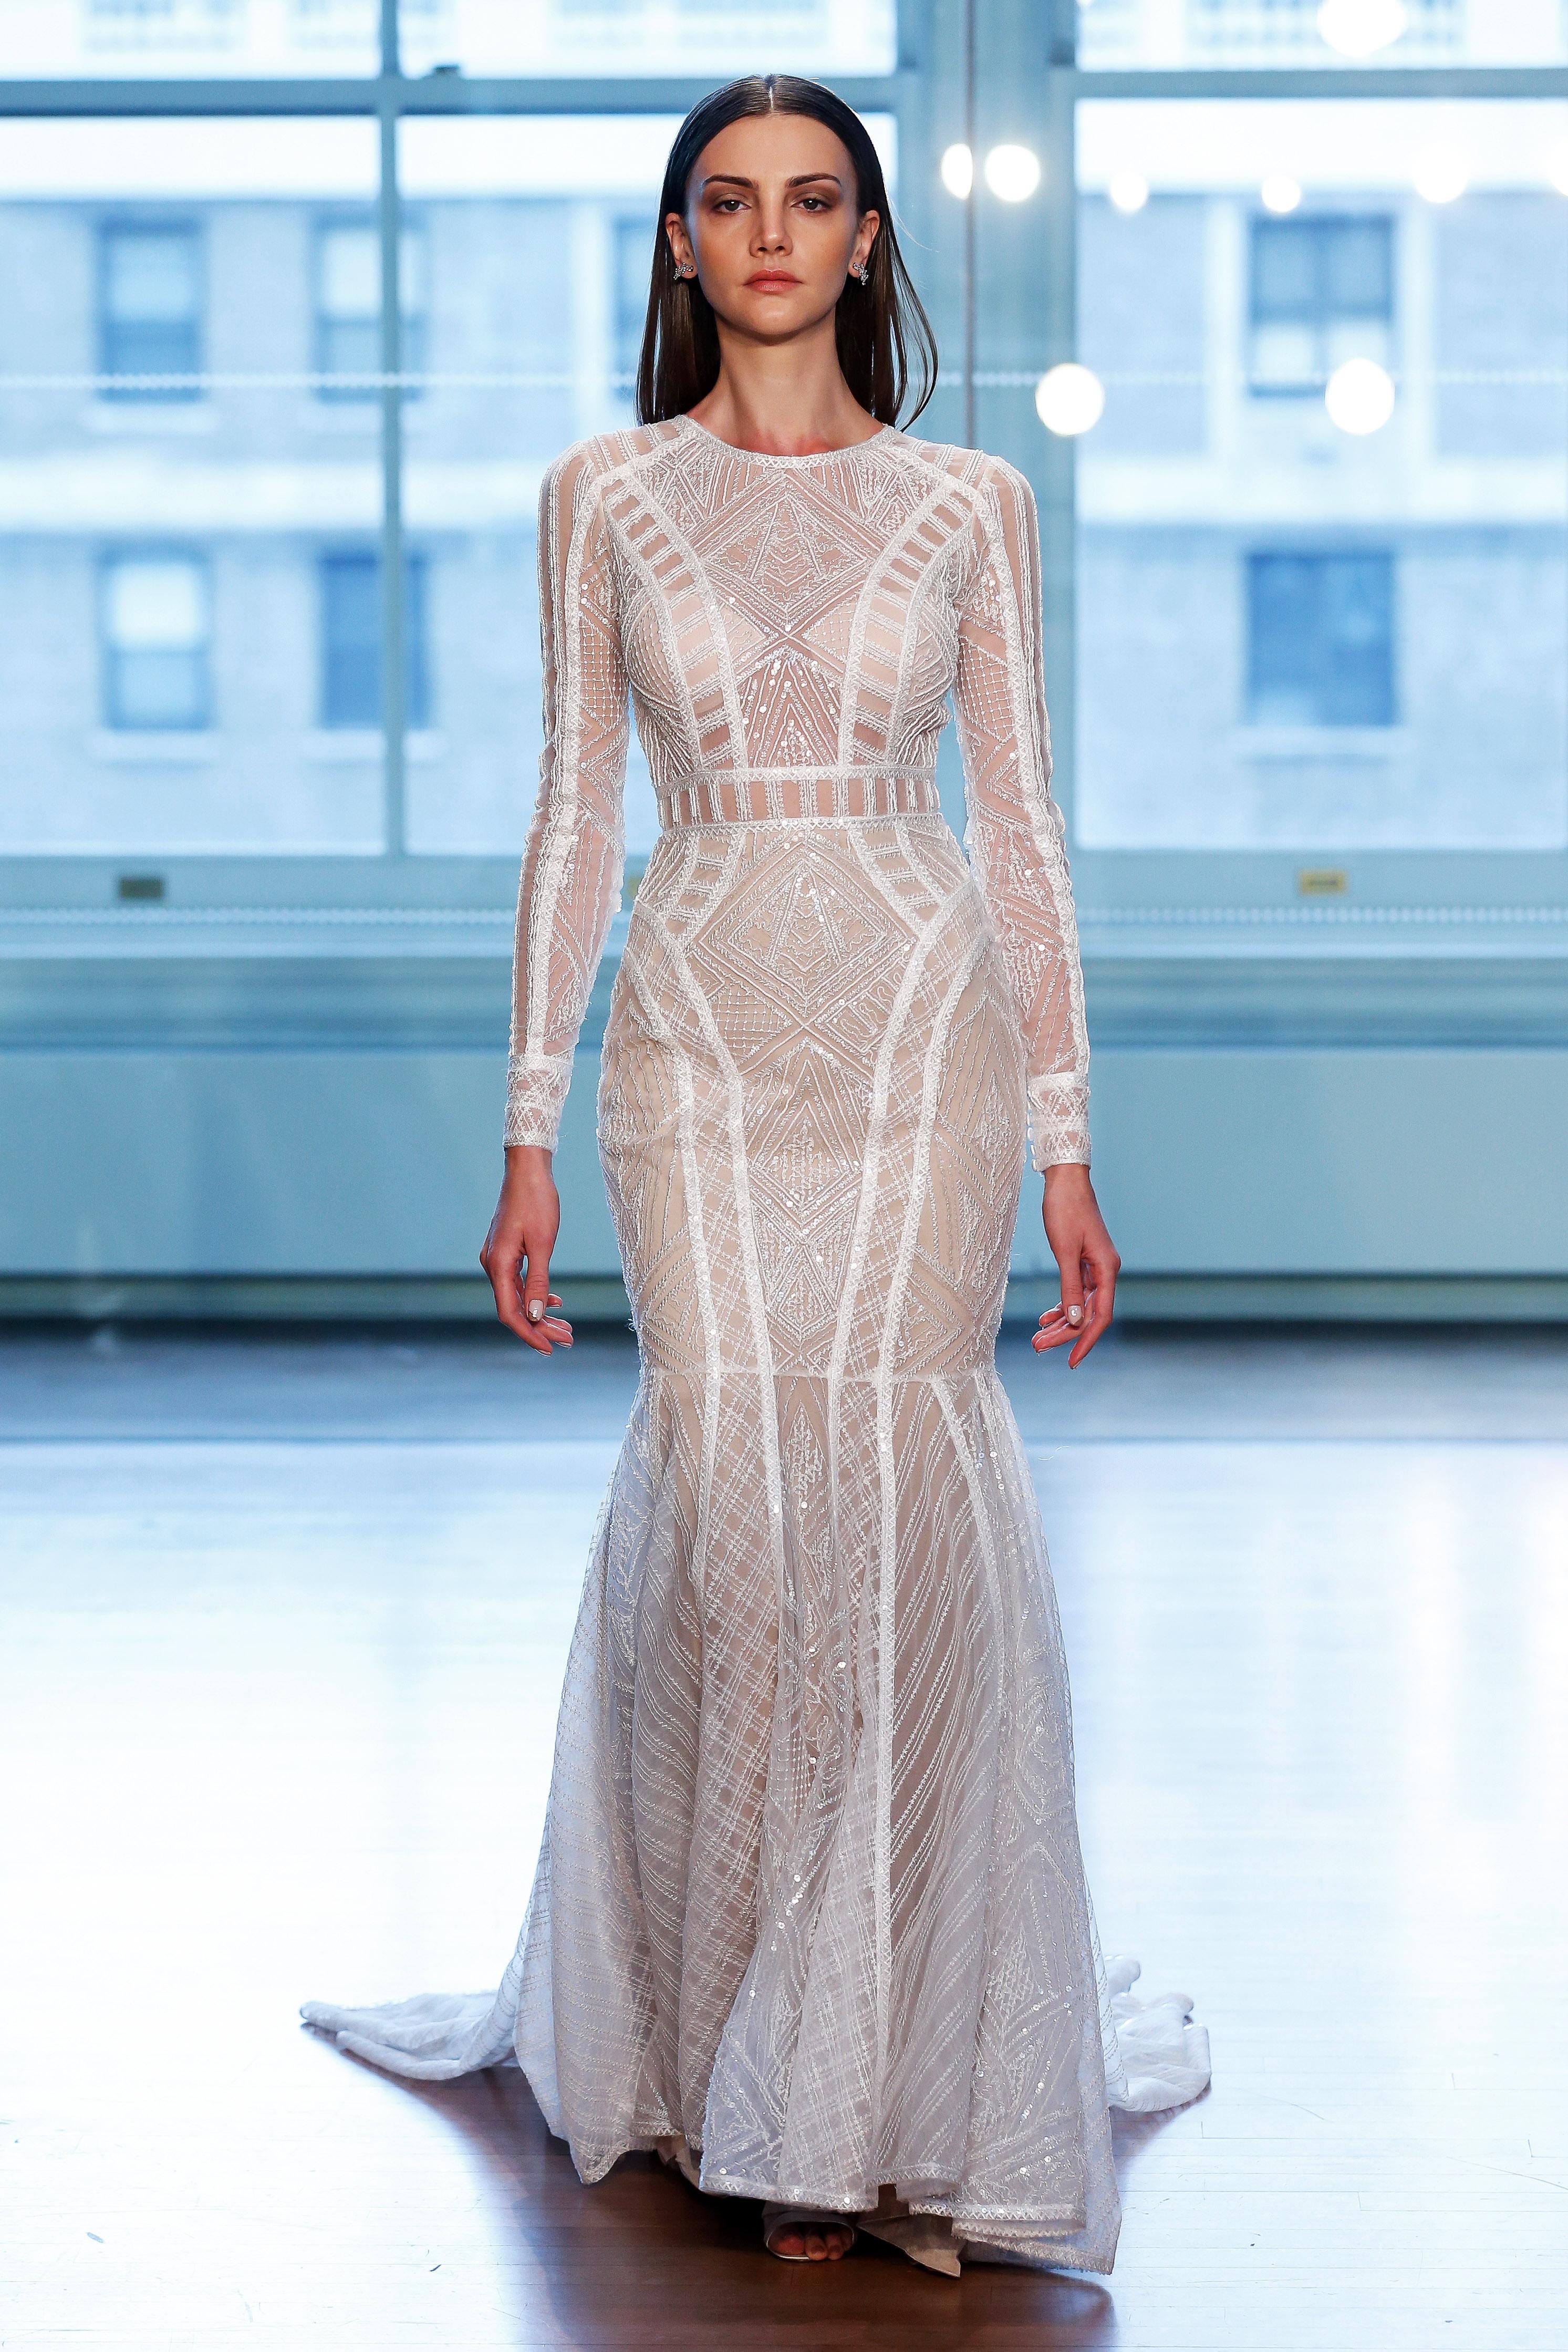 justin alexander wedding dress spring 2019 long sleeves sheer mermaid